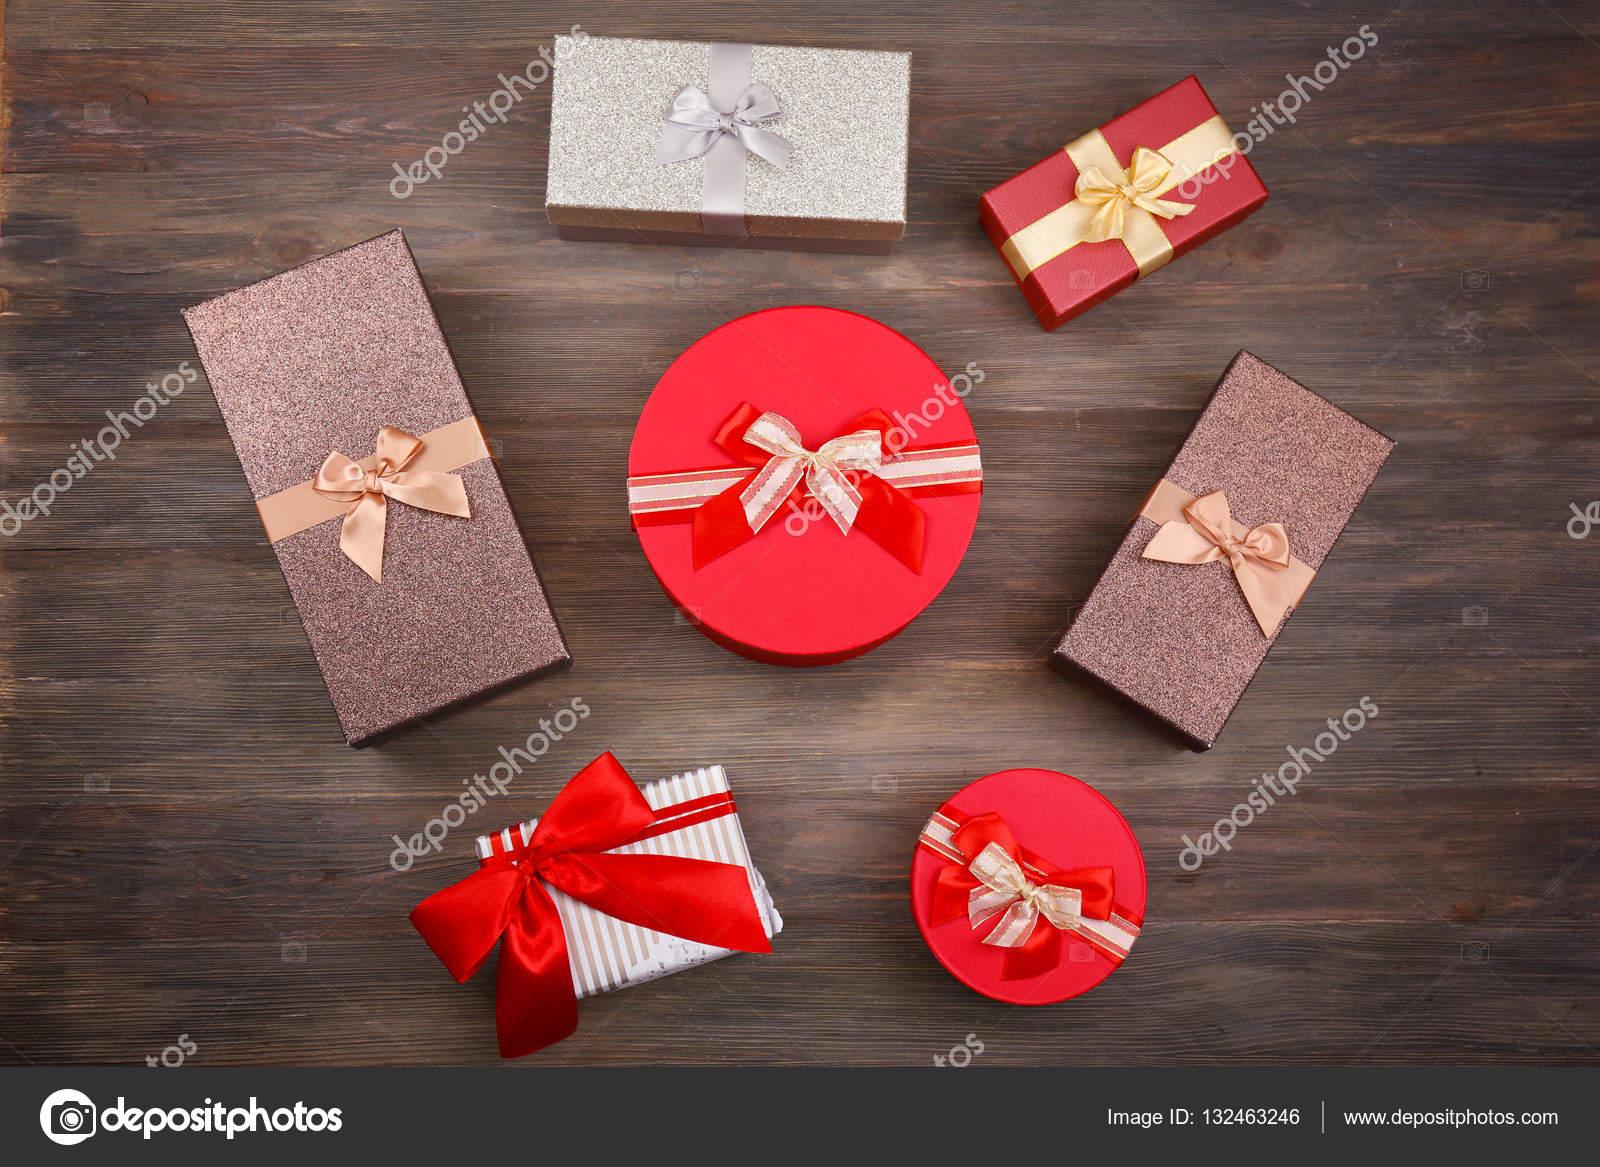 Schöne Weihnachtsgeschenke.Schöne Weihnachtsgeschenke Stockfoto Belchonock 132463246